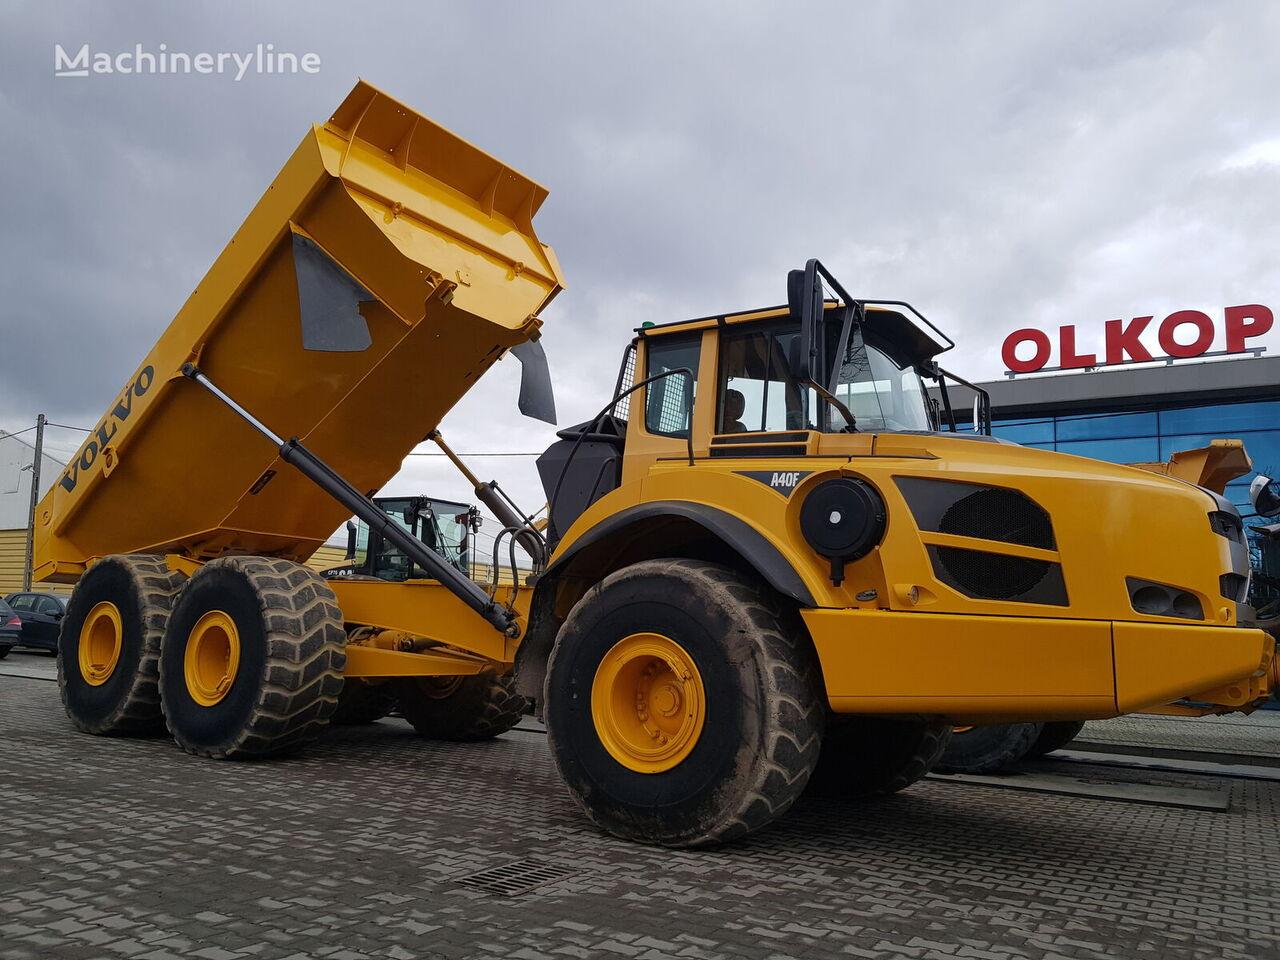 kĺbový dumper VOLVO A40 / 37t. capacity